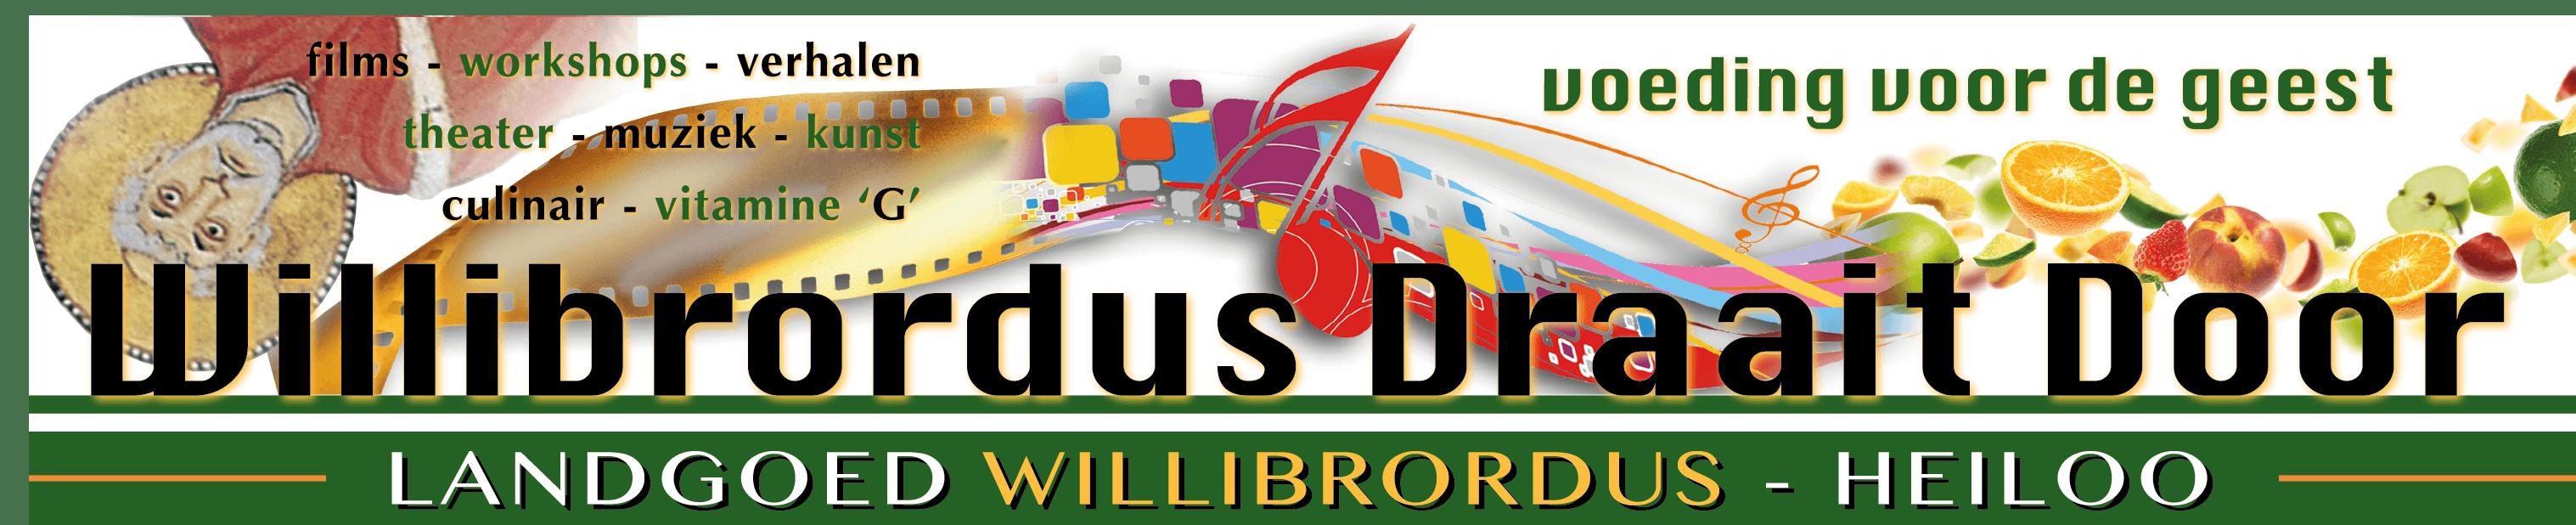 Willibrordus Draait Door 2018 Logo